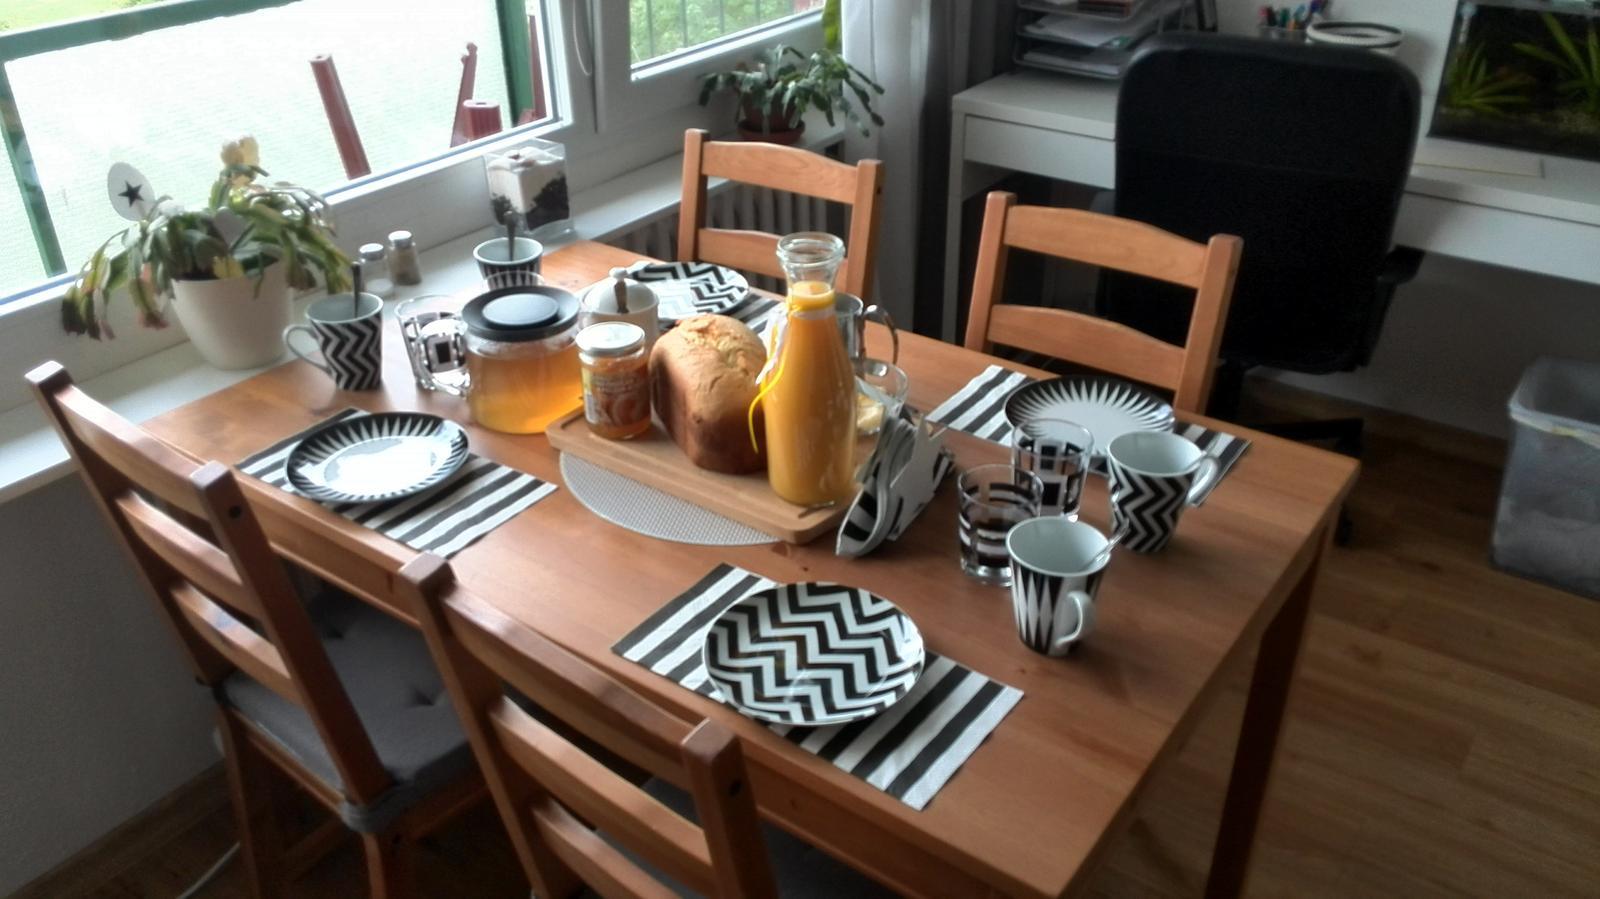 Náš domov :-) - Dámský den může začít :-) jen ty dámy se mi toulají někde po Brně :-) snad trefí jinak zo budu muset všechno sníst sama :-D